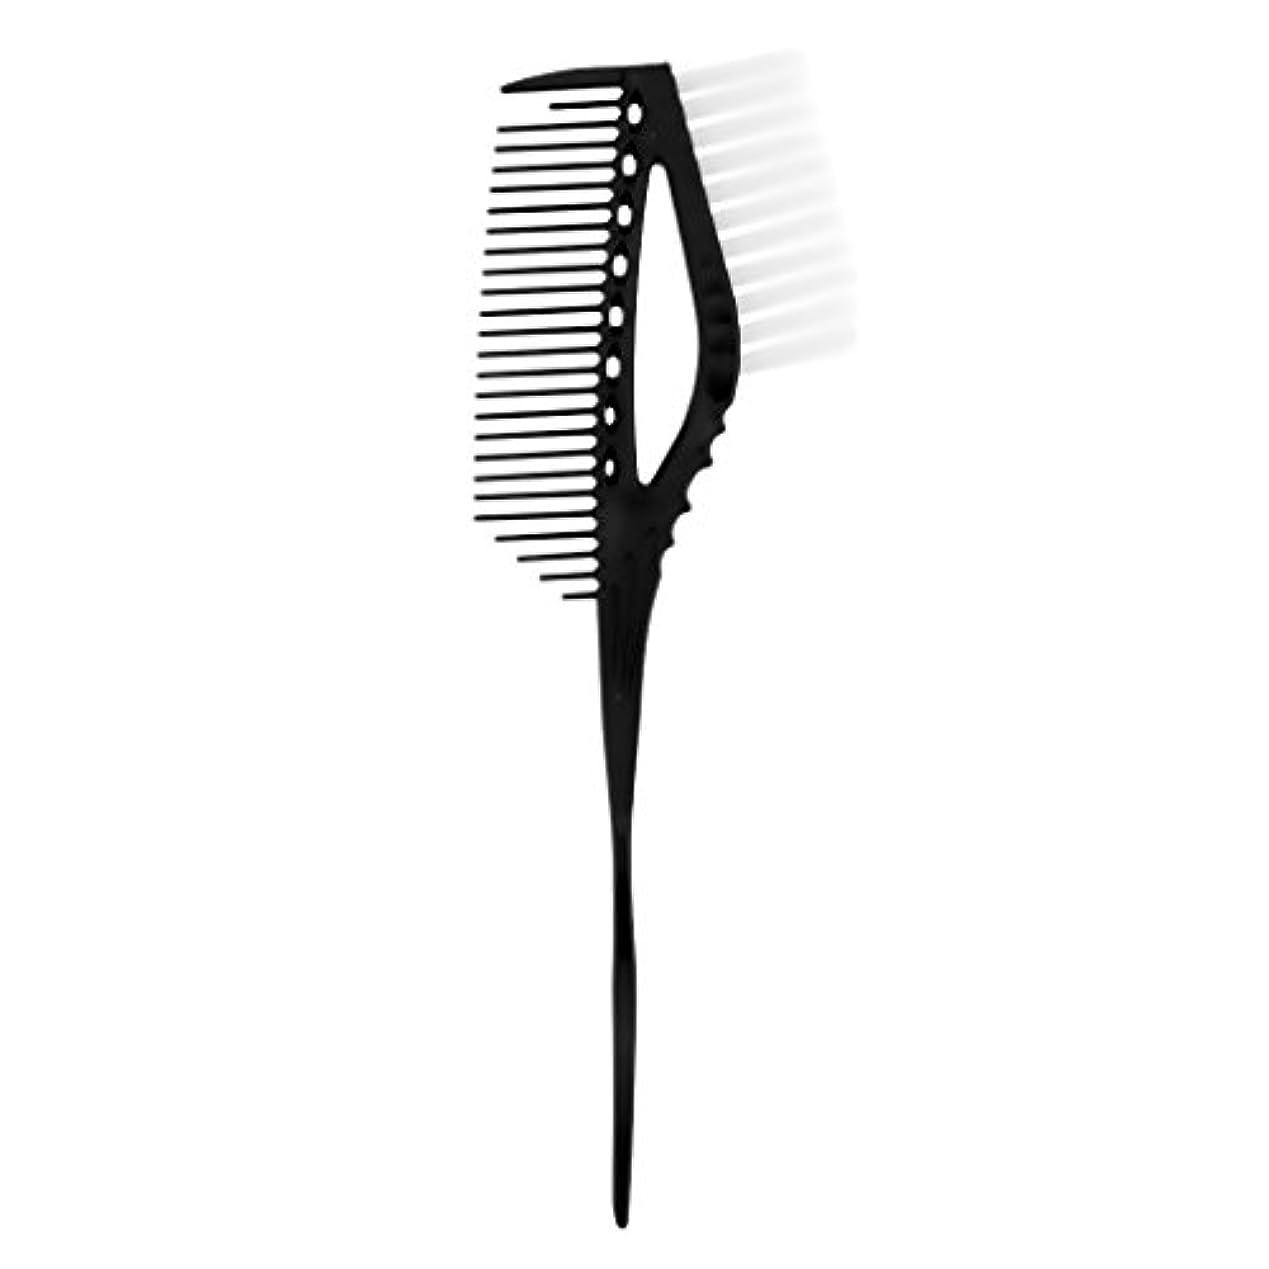 こっそり熱心なデンプシーハイライト櫛 ヘアブラシ ヘアカラー ヘアスタイル 色合い 染めブラシ サロン 美容院 ミキシングブラシ 3色選べる - ブラック